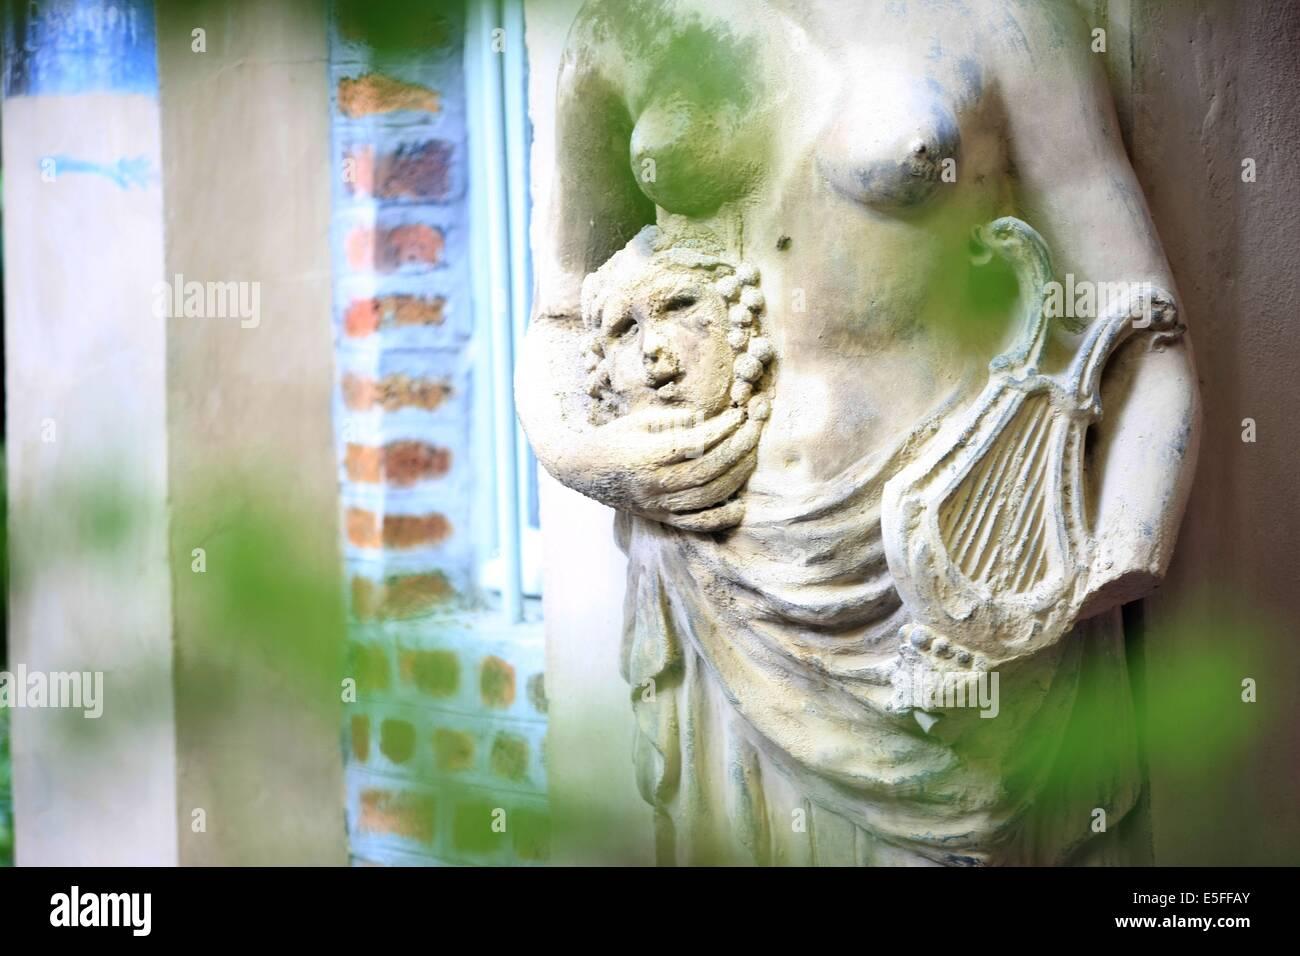 france, region ile de france, paris 15e arrondissement, passage de dantzig, la ruche, ateliers, artistes, - Stock Image